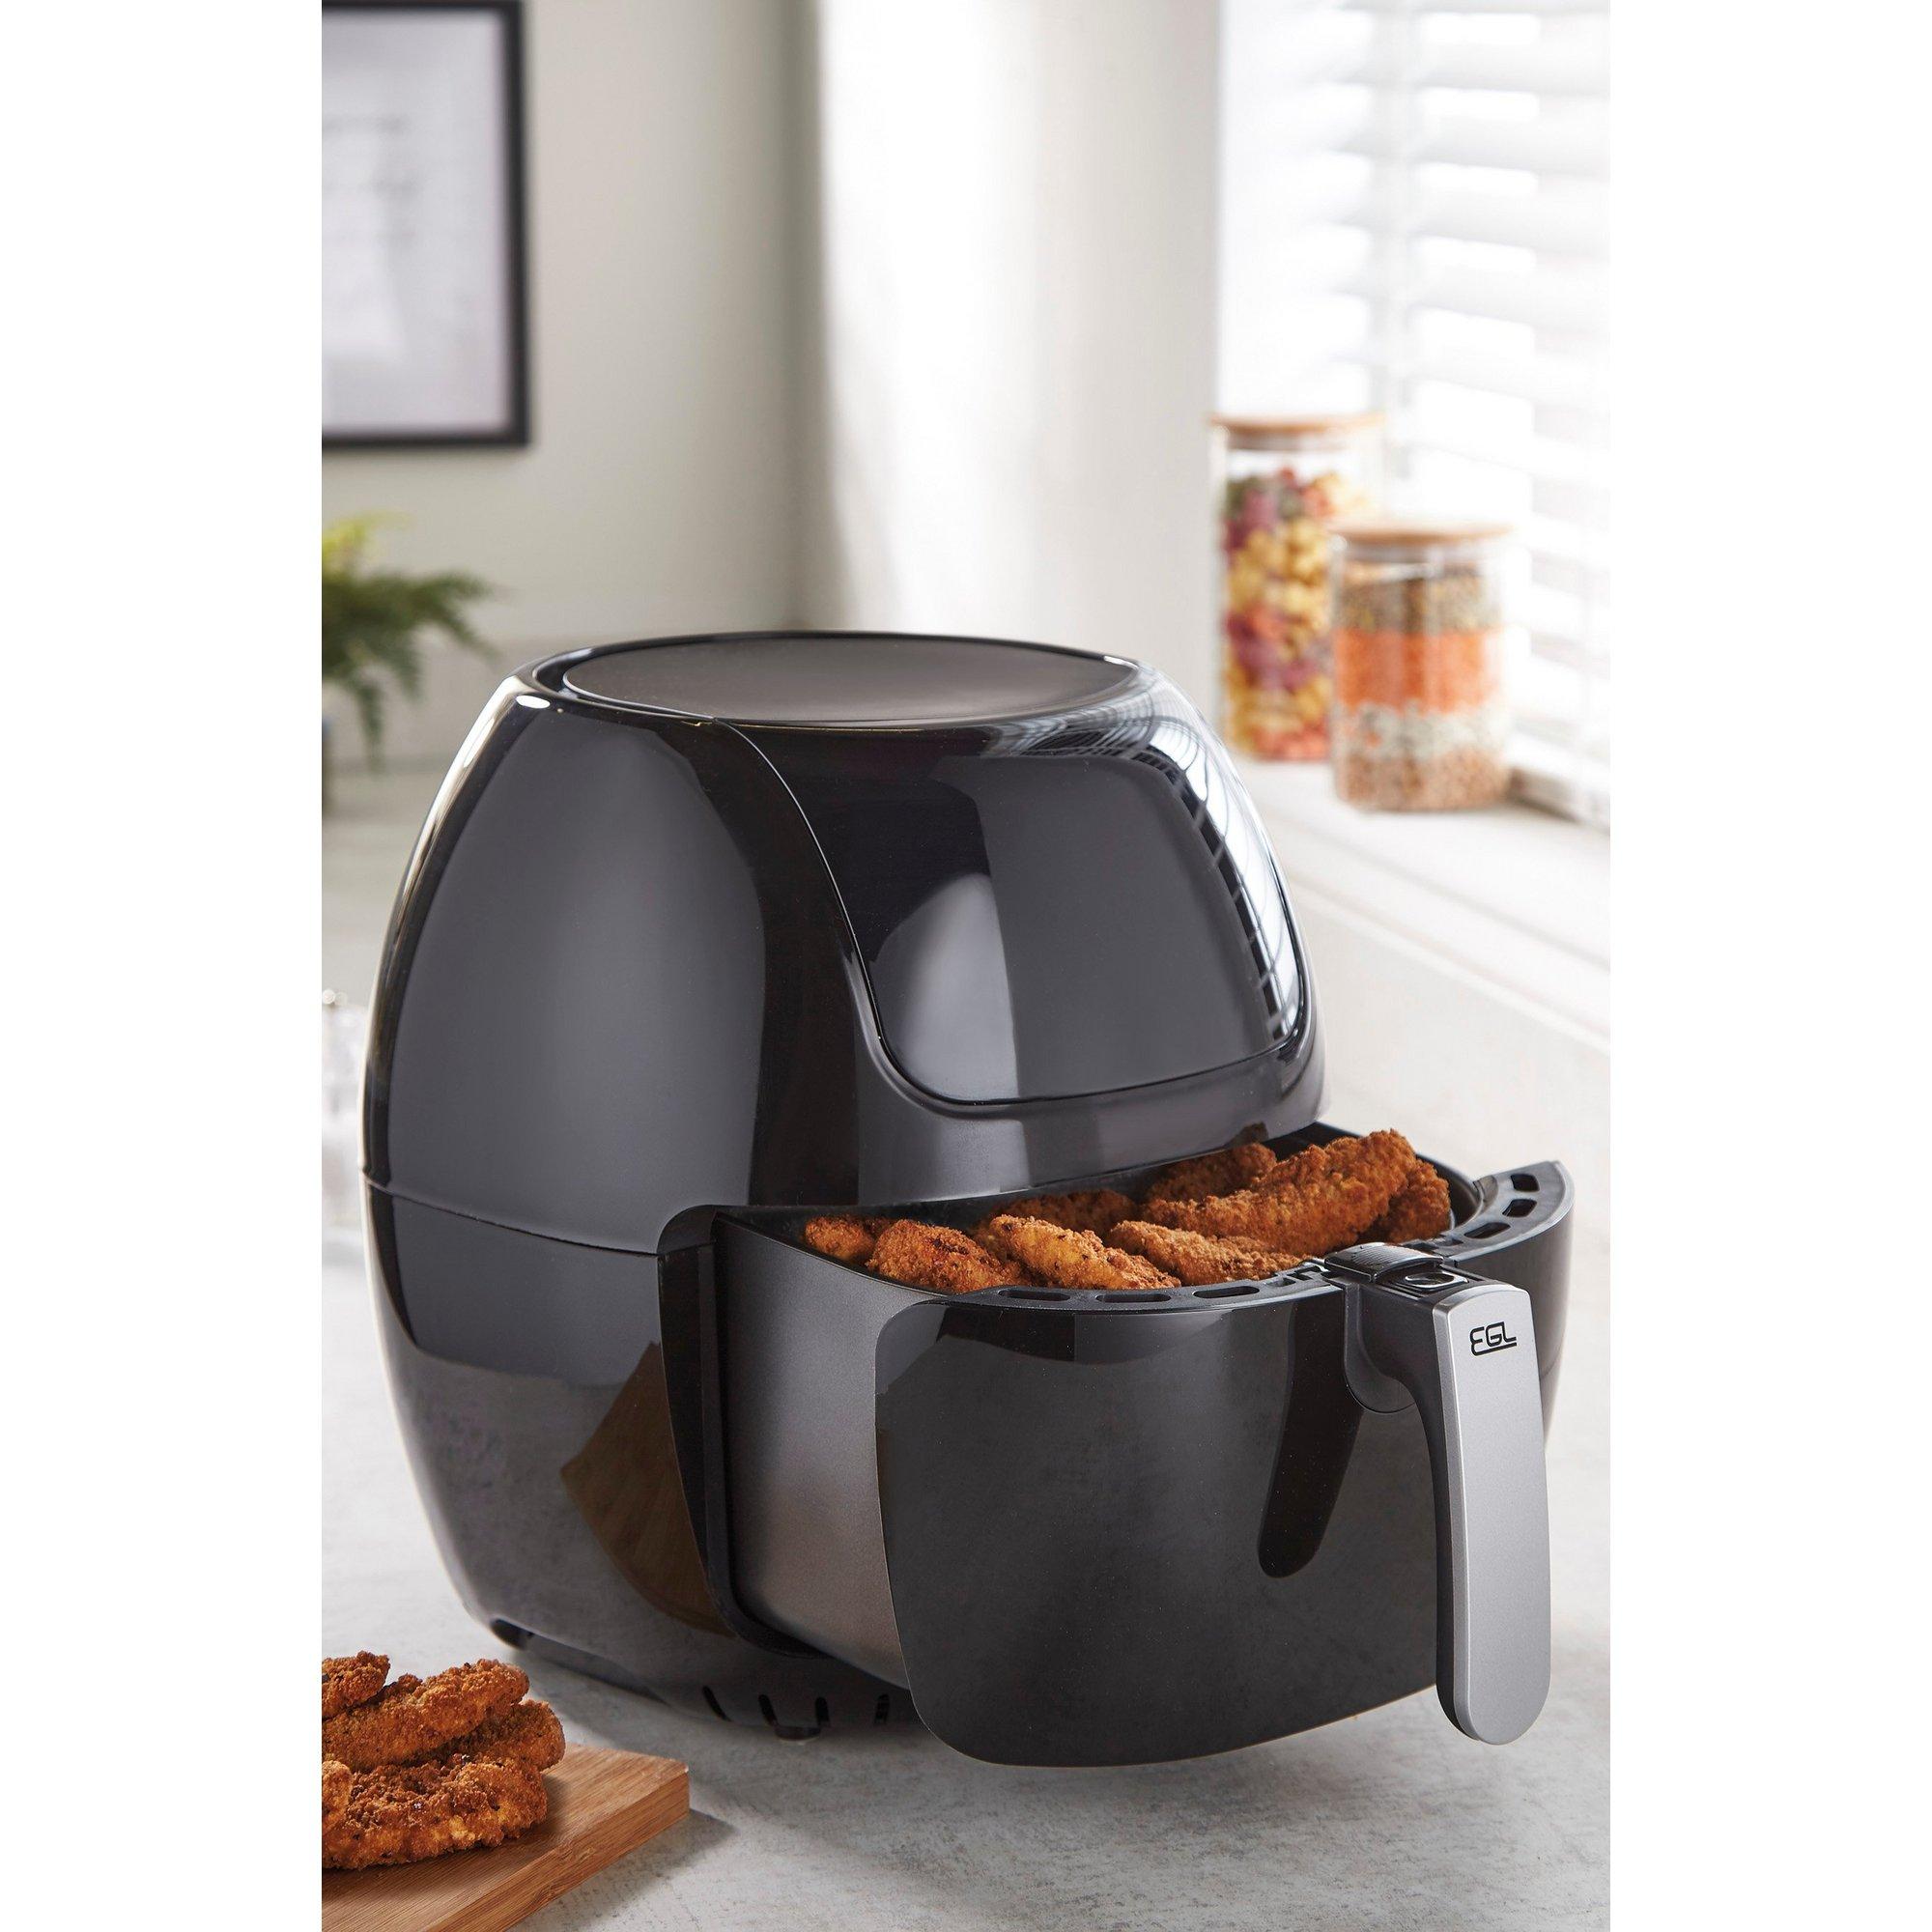 Image of 6 Litre Digital Air Fryer